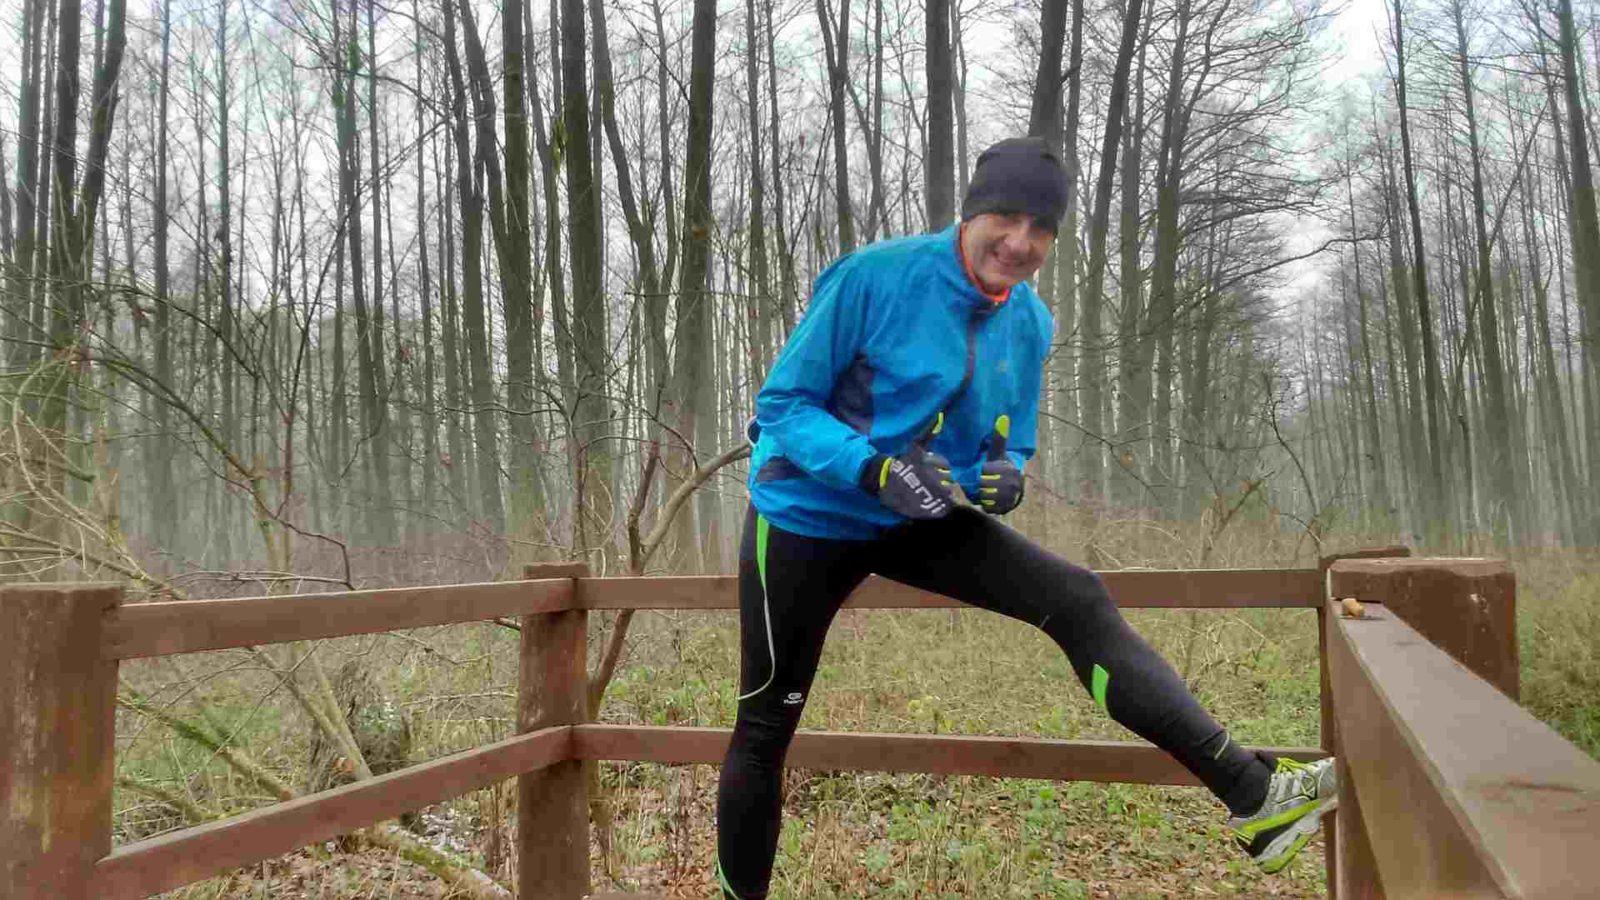 powrót do biegania po kontuzji, biegacz w lesie rozciąga się